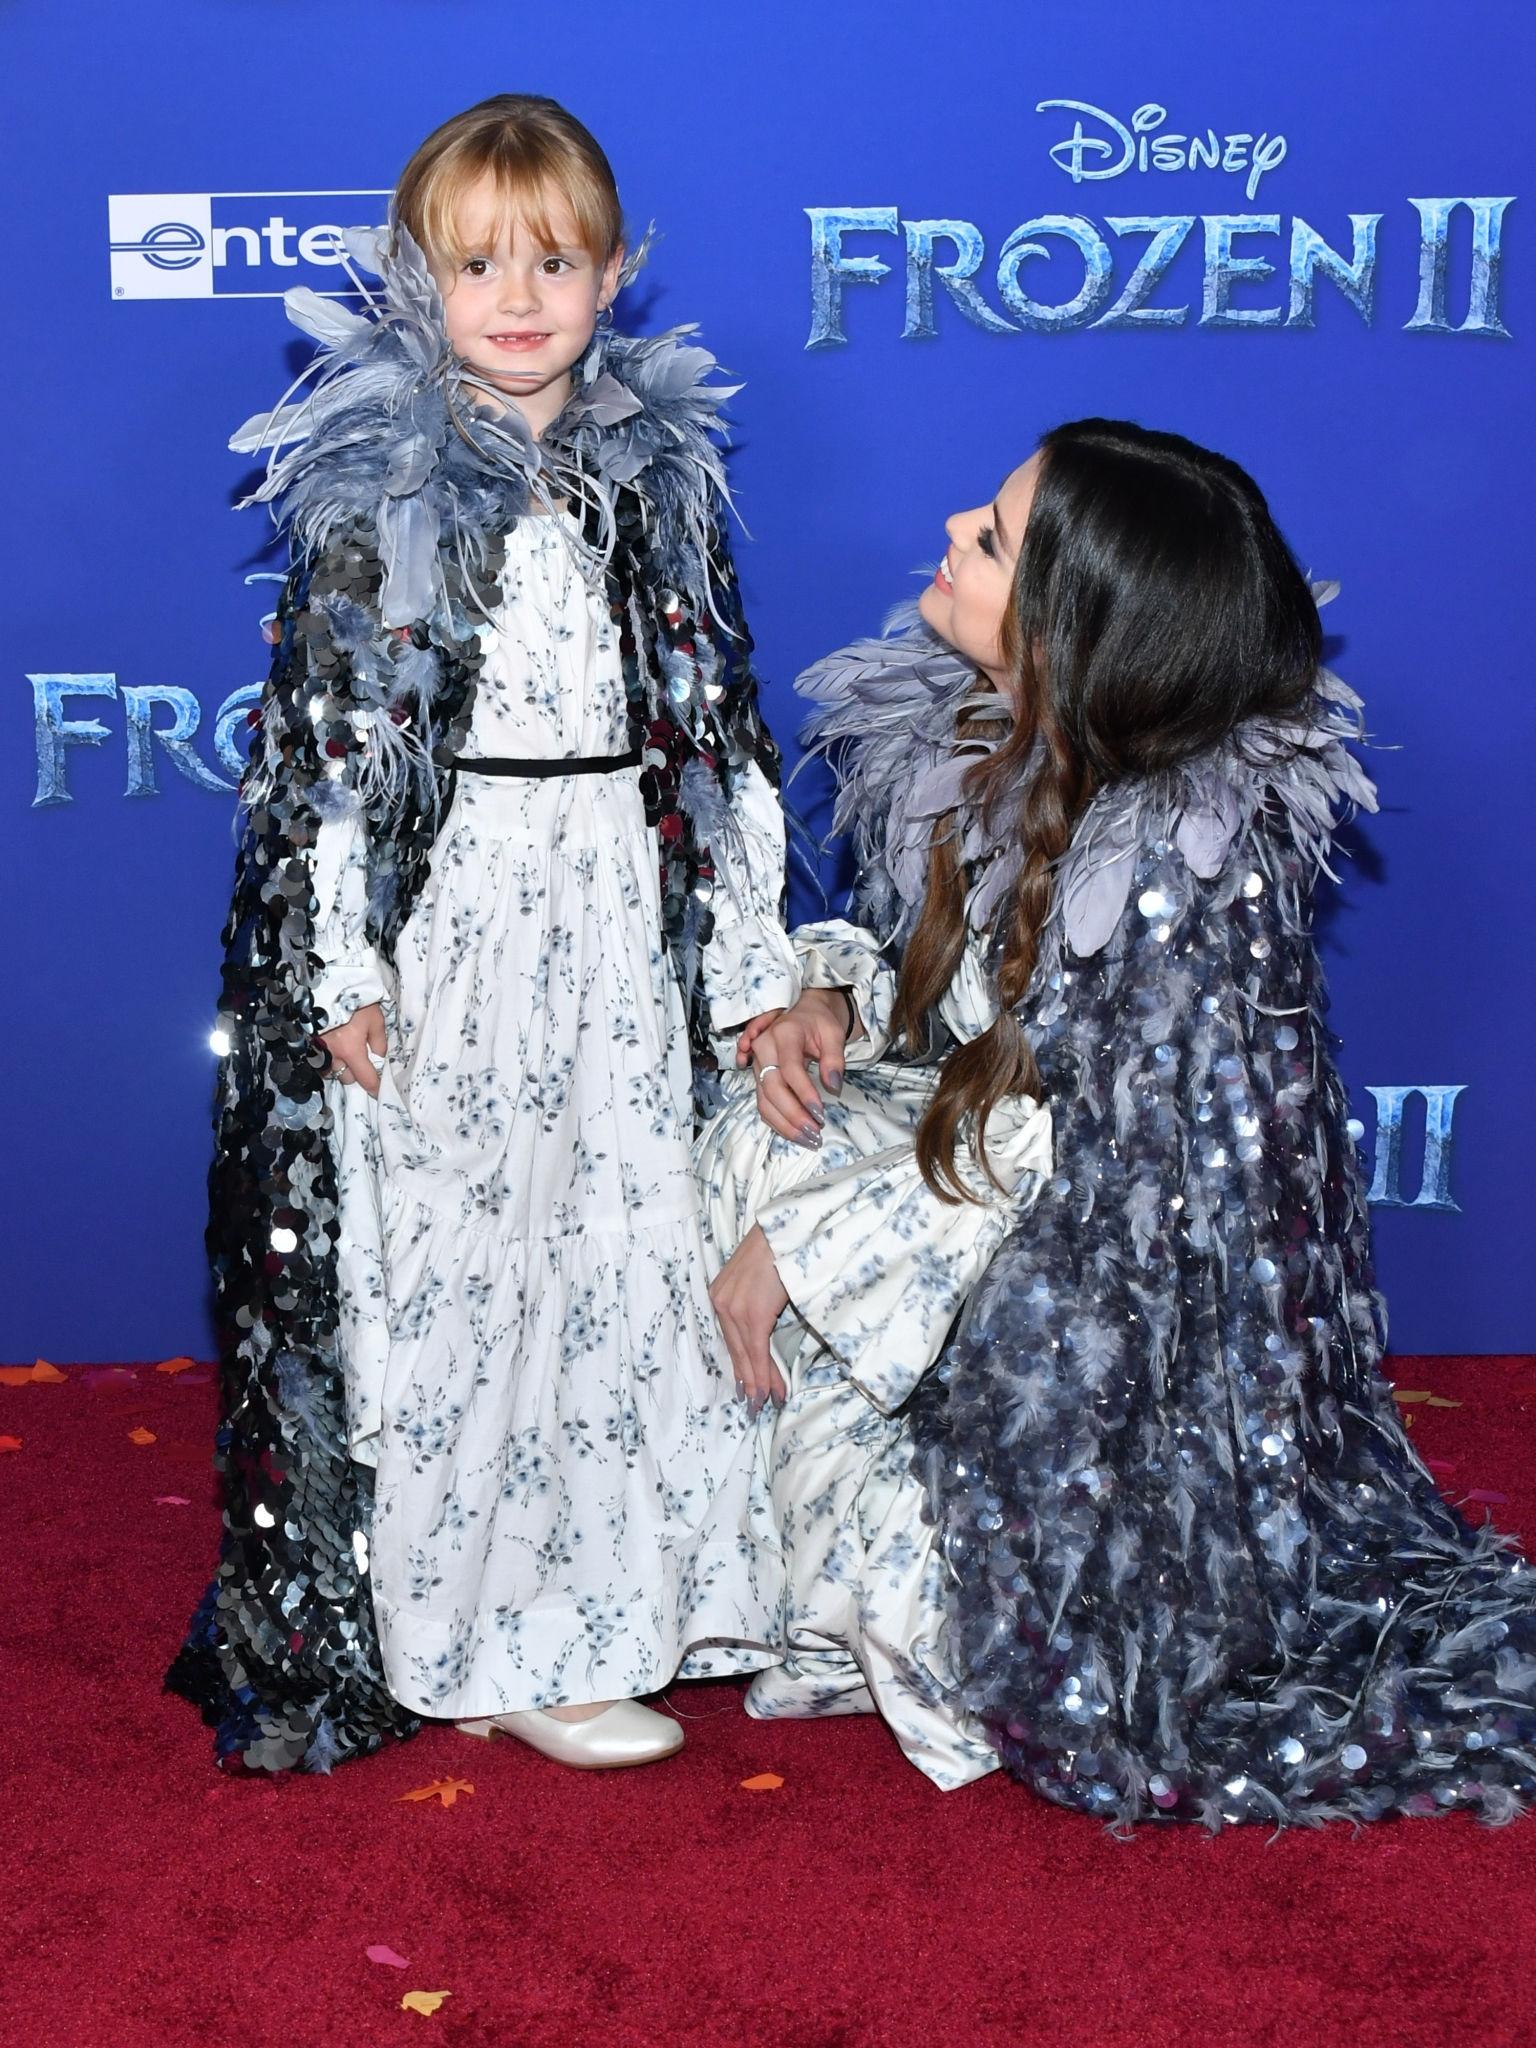 عکس های سلنا همراه خواهرش گریسی در مراسم اکران انیمیشن frozen 2